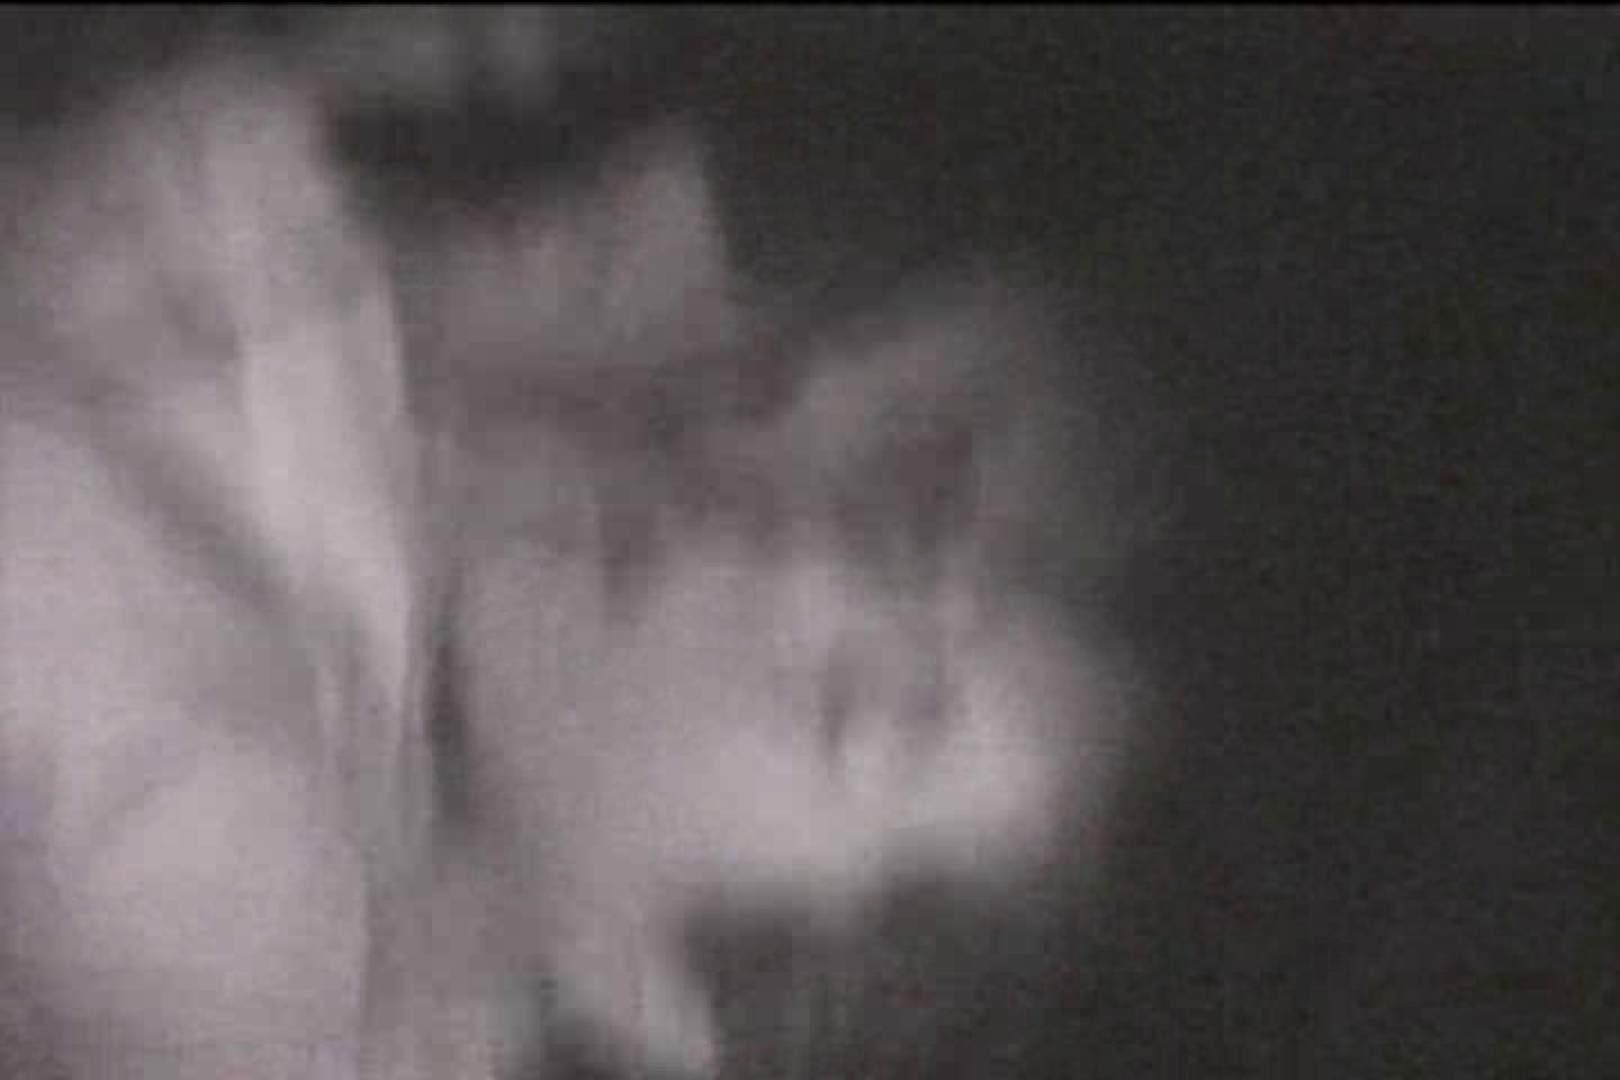 蔵出し!!赤外線カーセックスVol.28 素人丸裸 おまんこ無修正動画無料 101pic 34